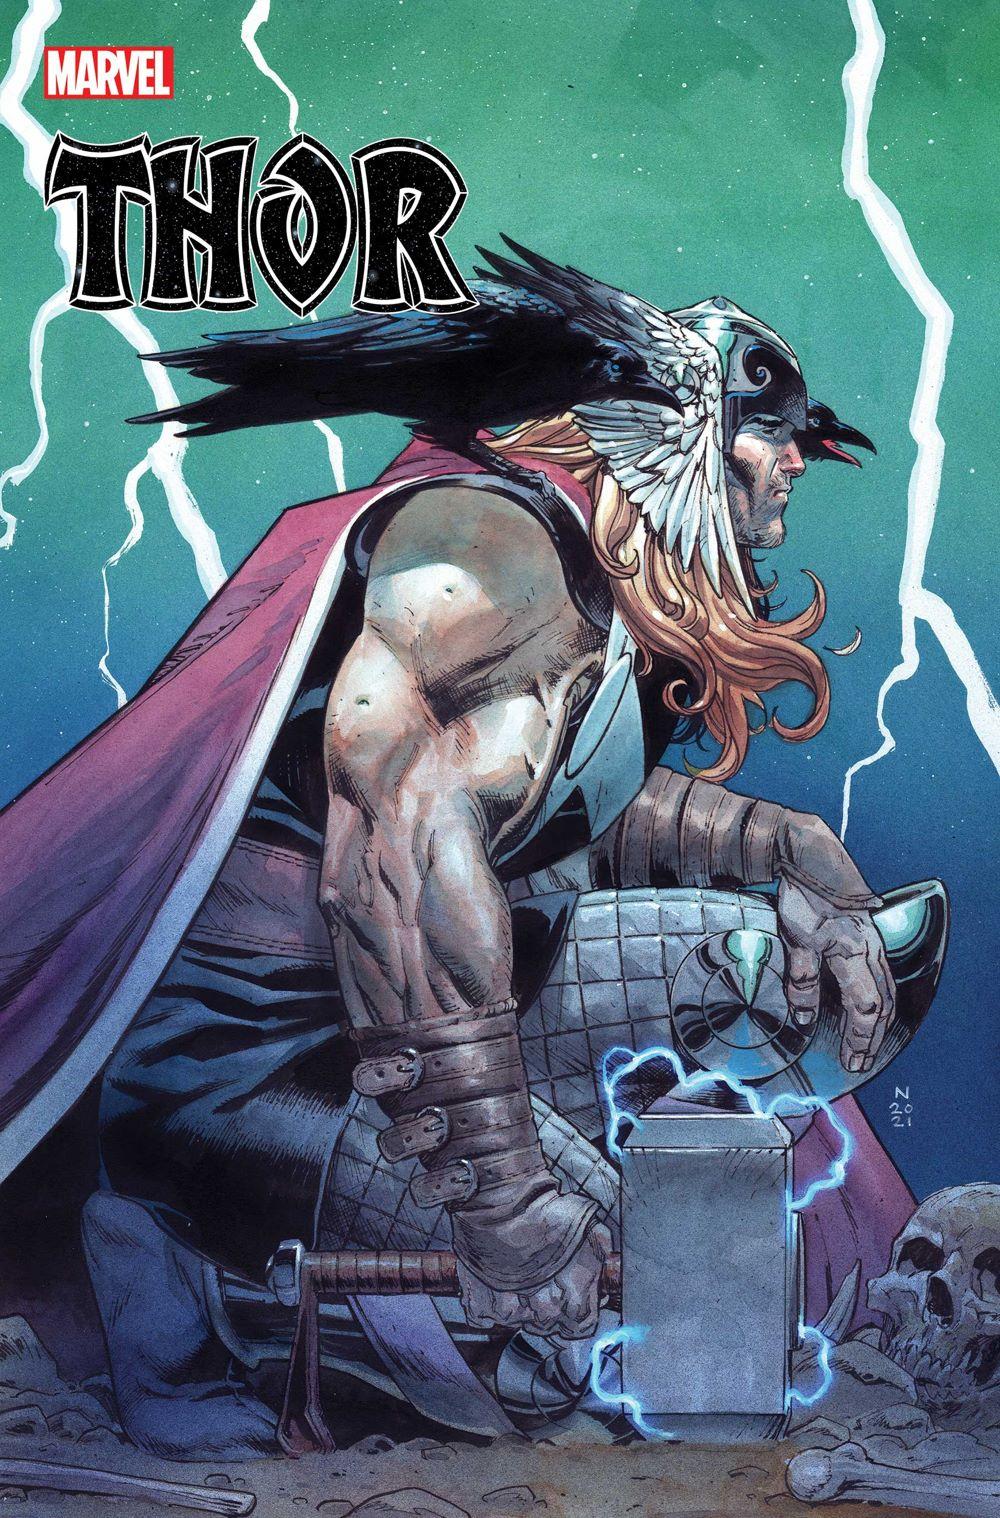 THOR2020015_Klein_var Marvel Comics June 2021 Solicitations